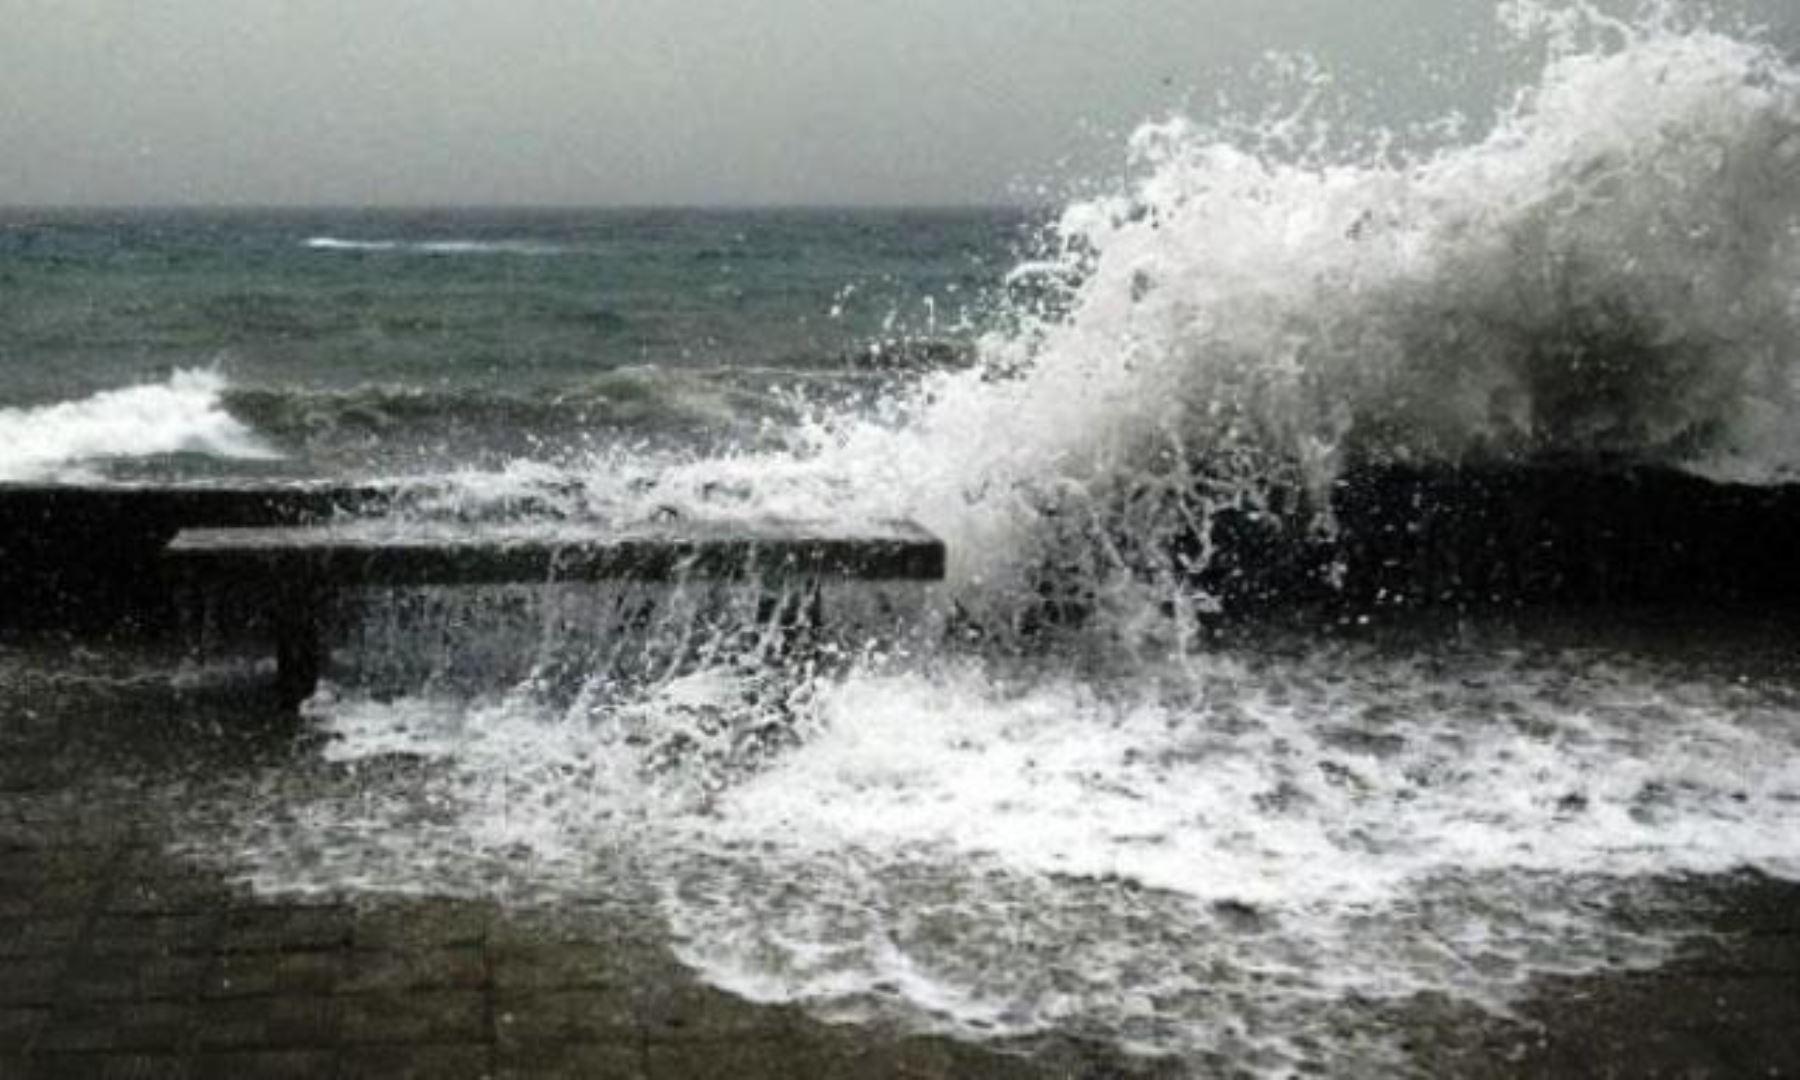 Presencia de oleajes obliga a cerrar puertos del litoral peruano. ANDINA/Difusión